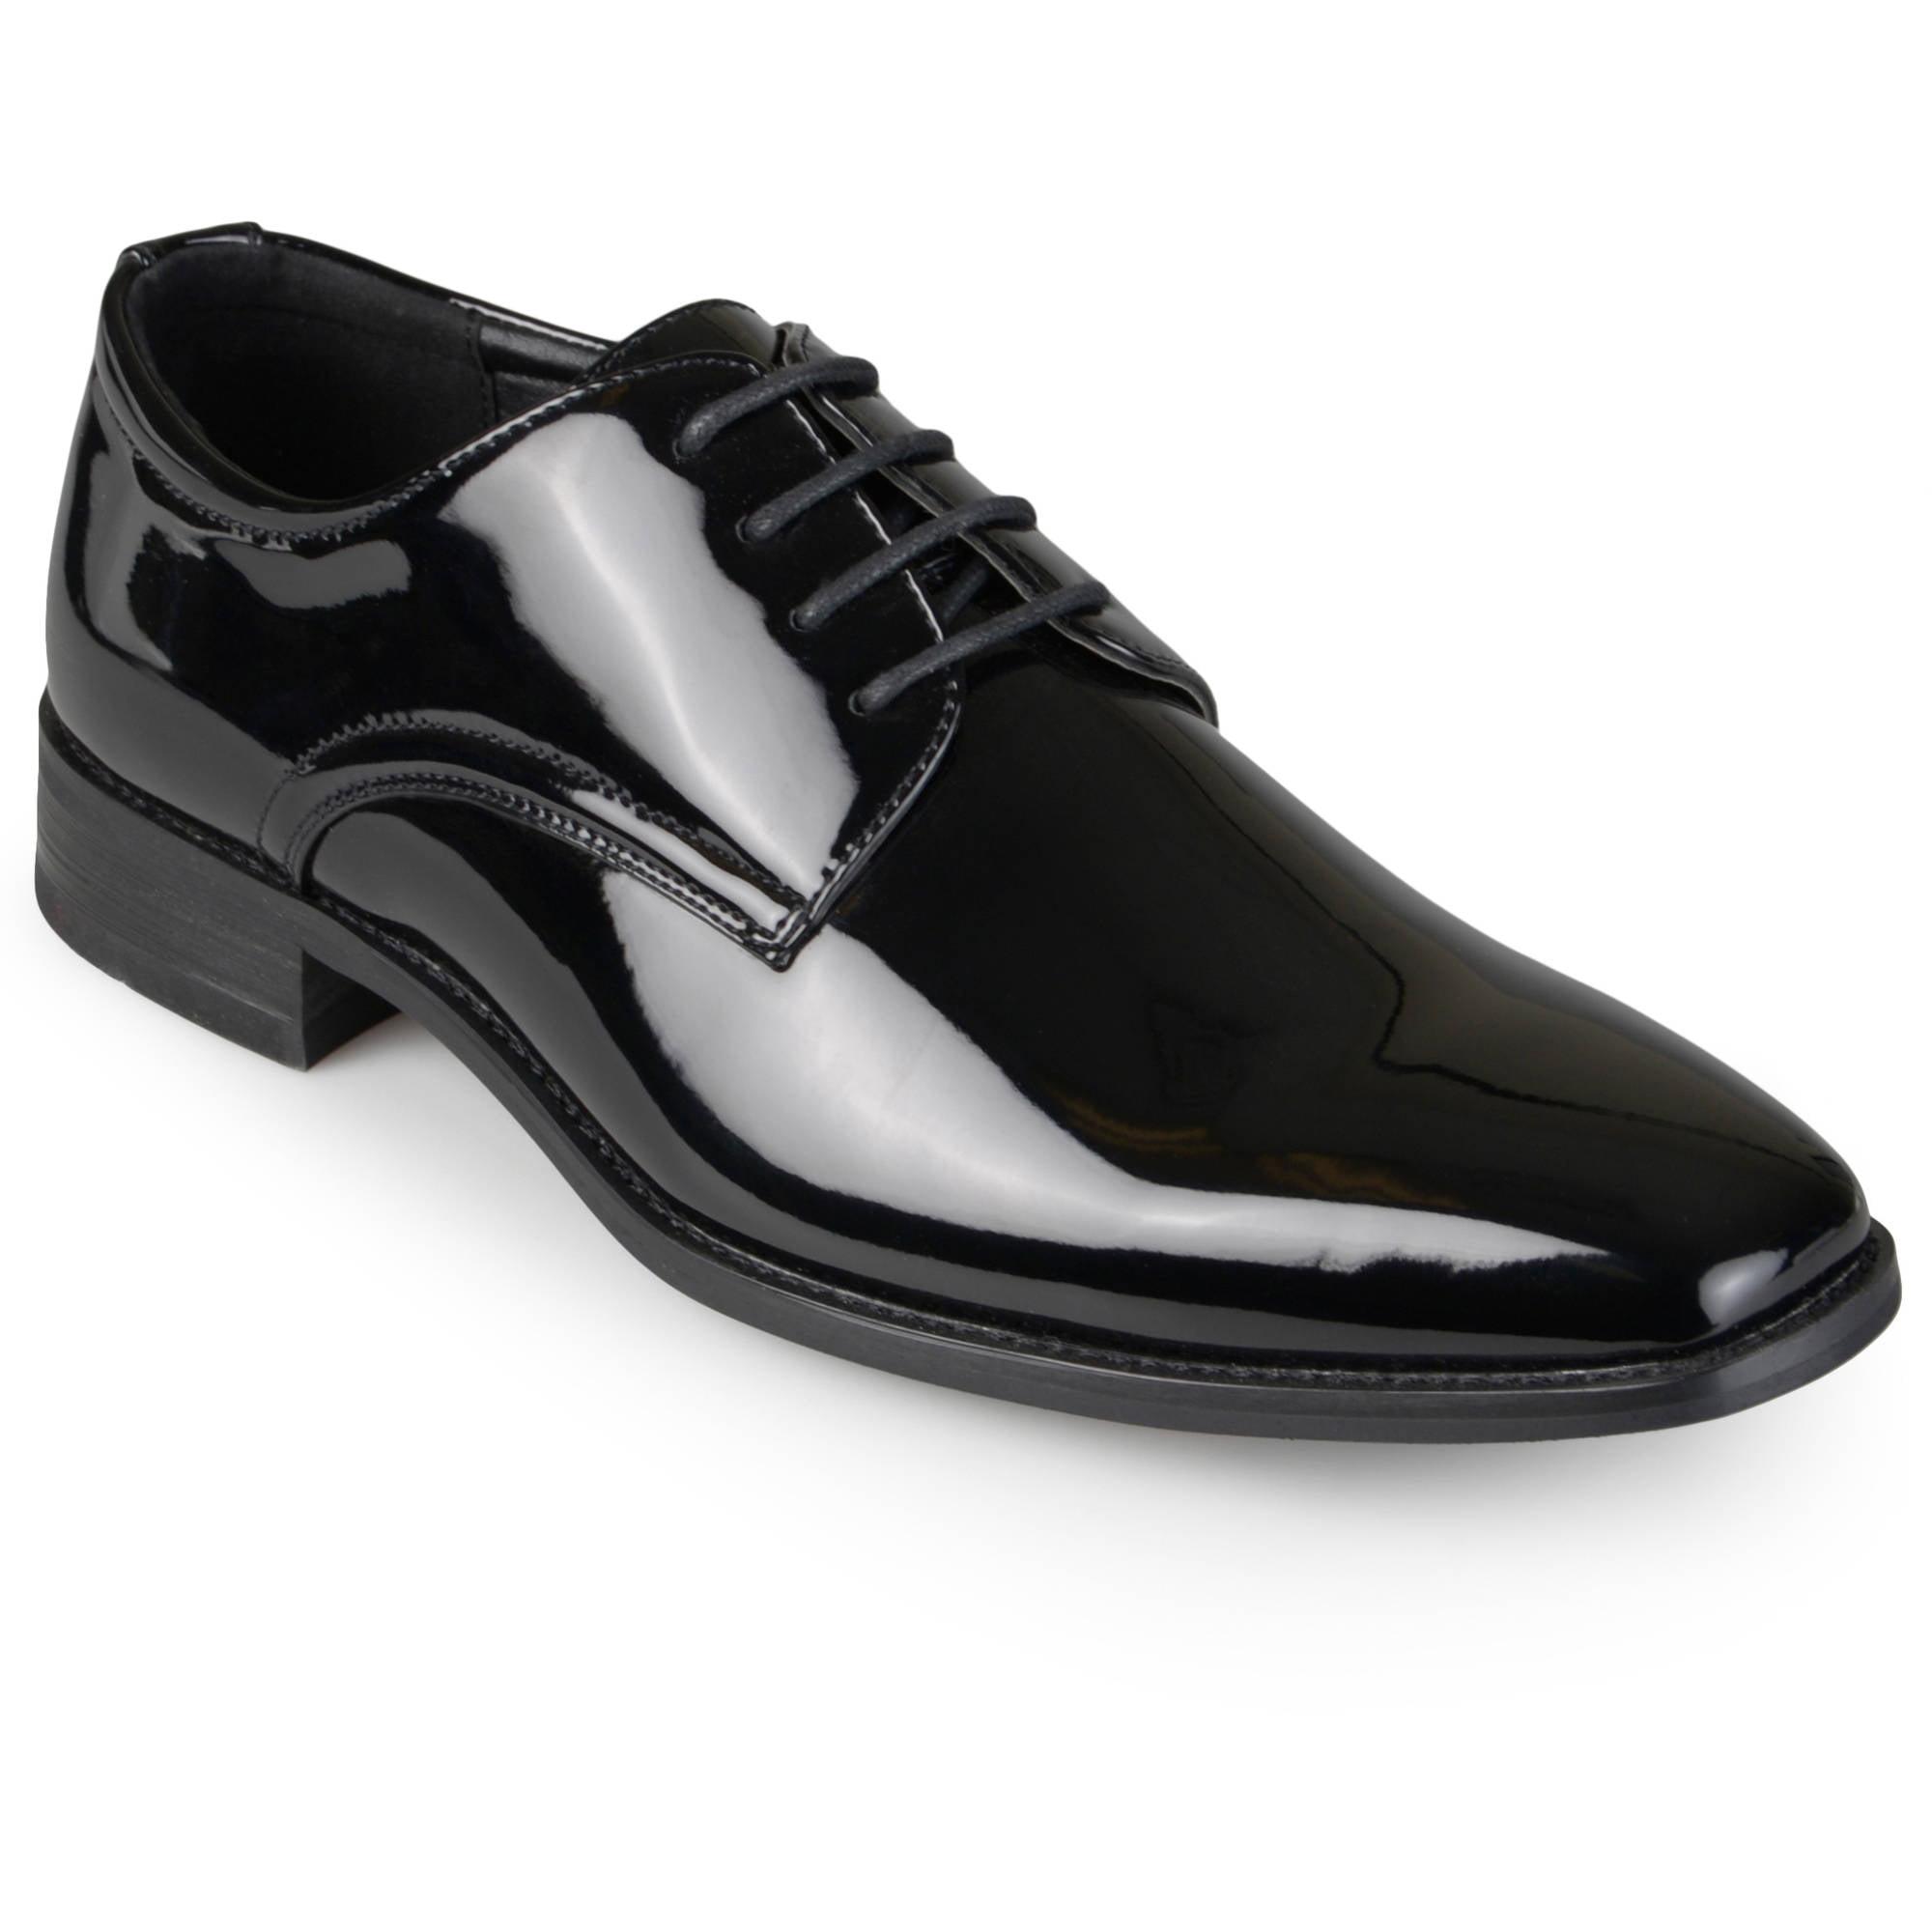 Daxx Men's Lace-Up Faux Leather Dress Shoes